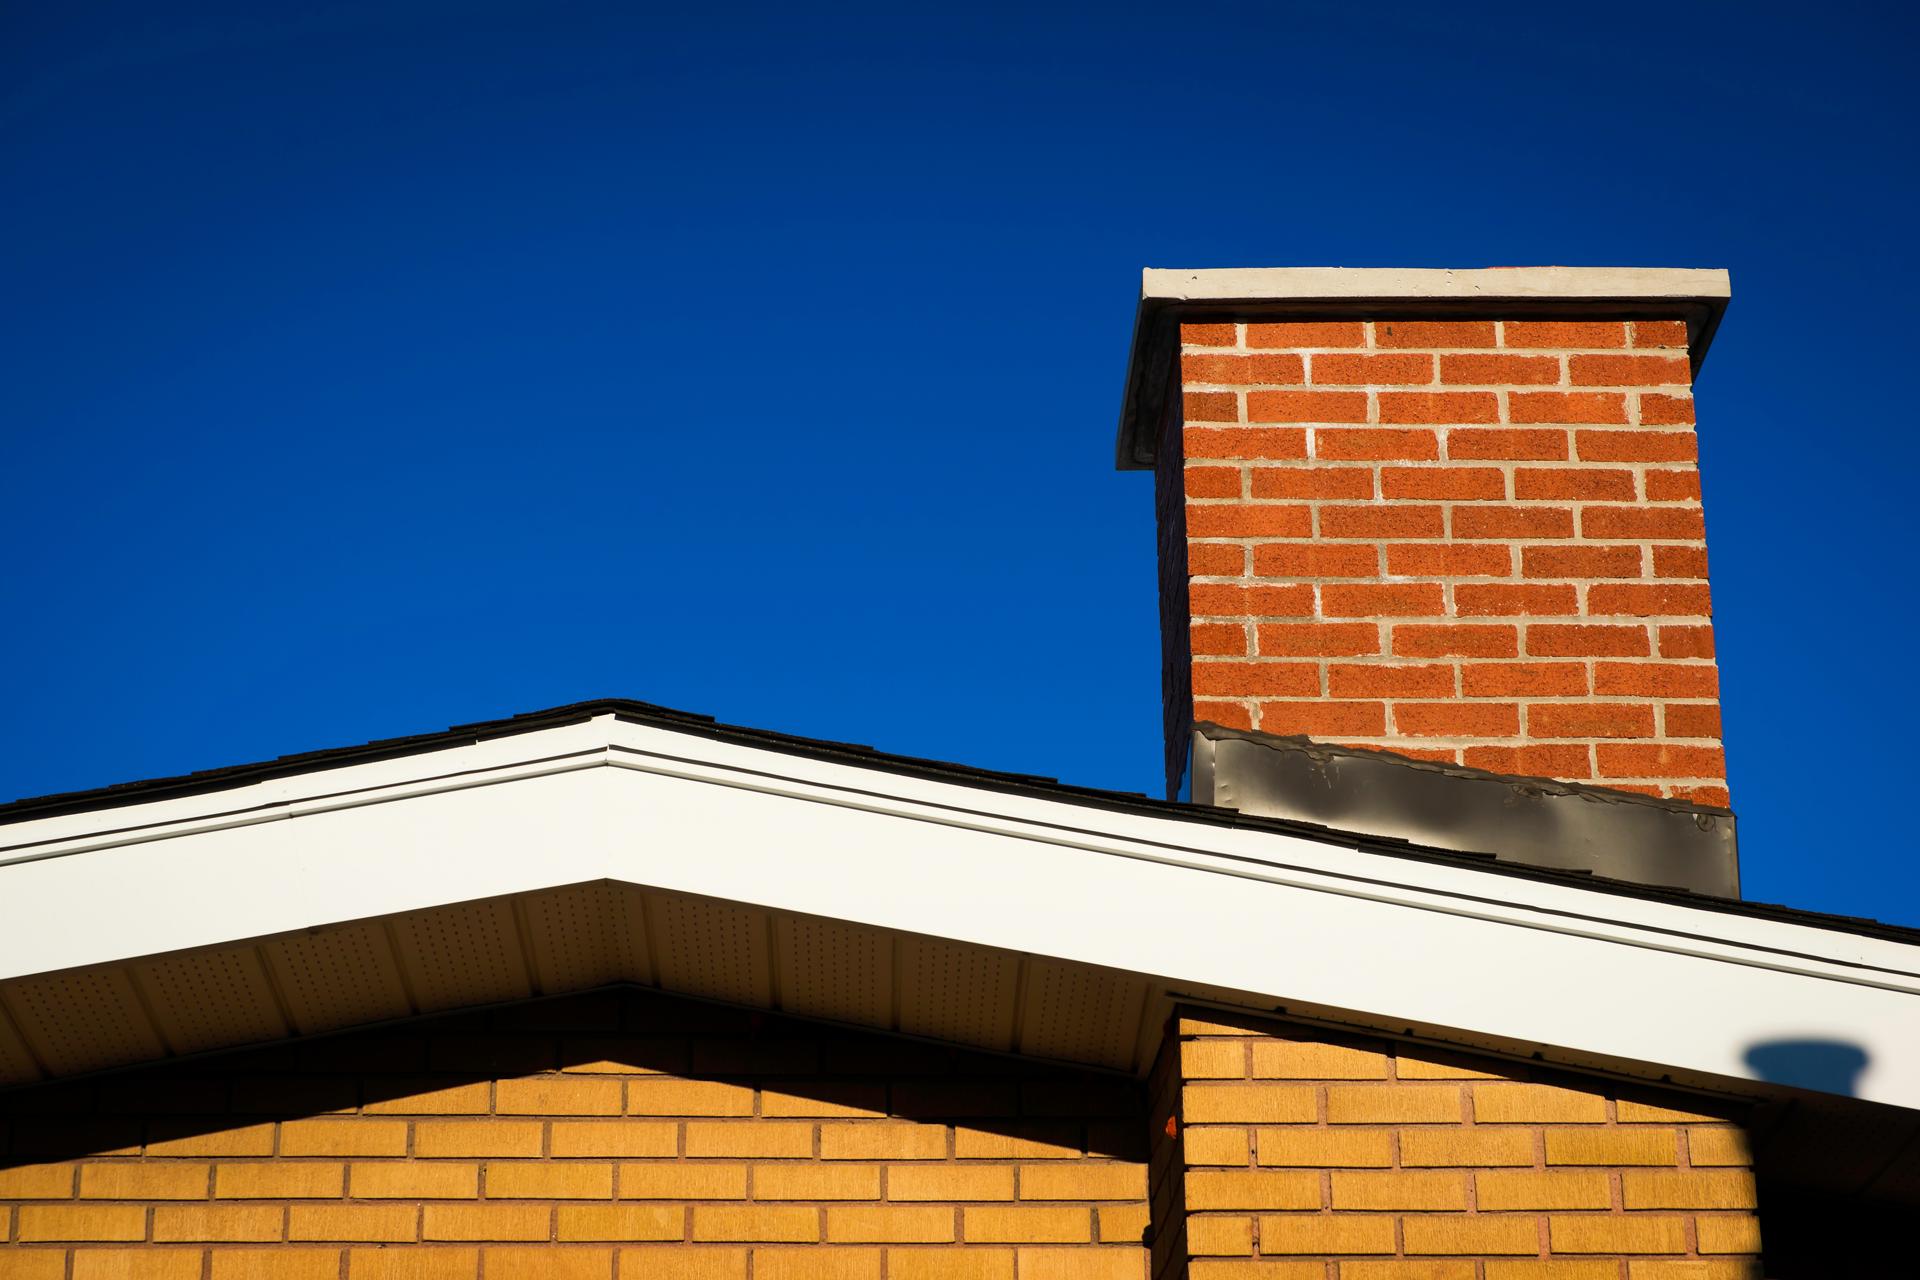 Brick House With Chimney : Chimneys